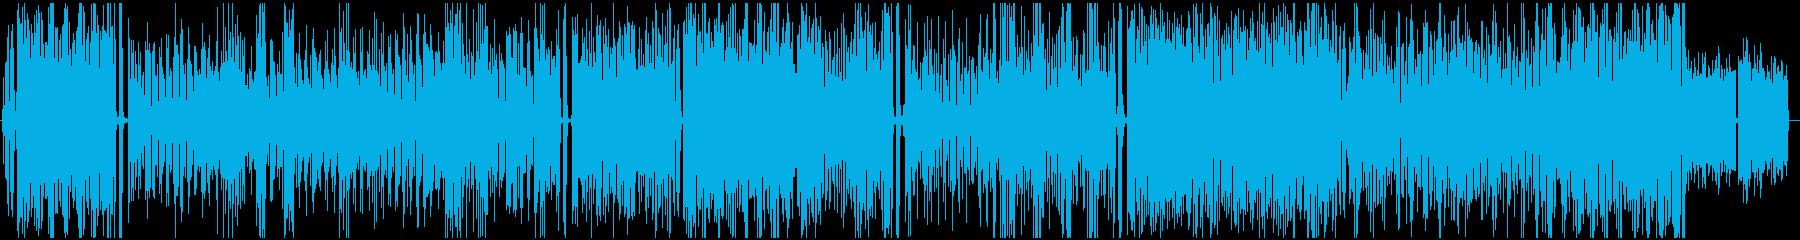 地中海の歌、フォーク、の再生済みの波形